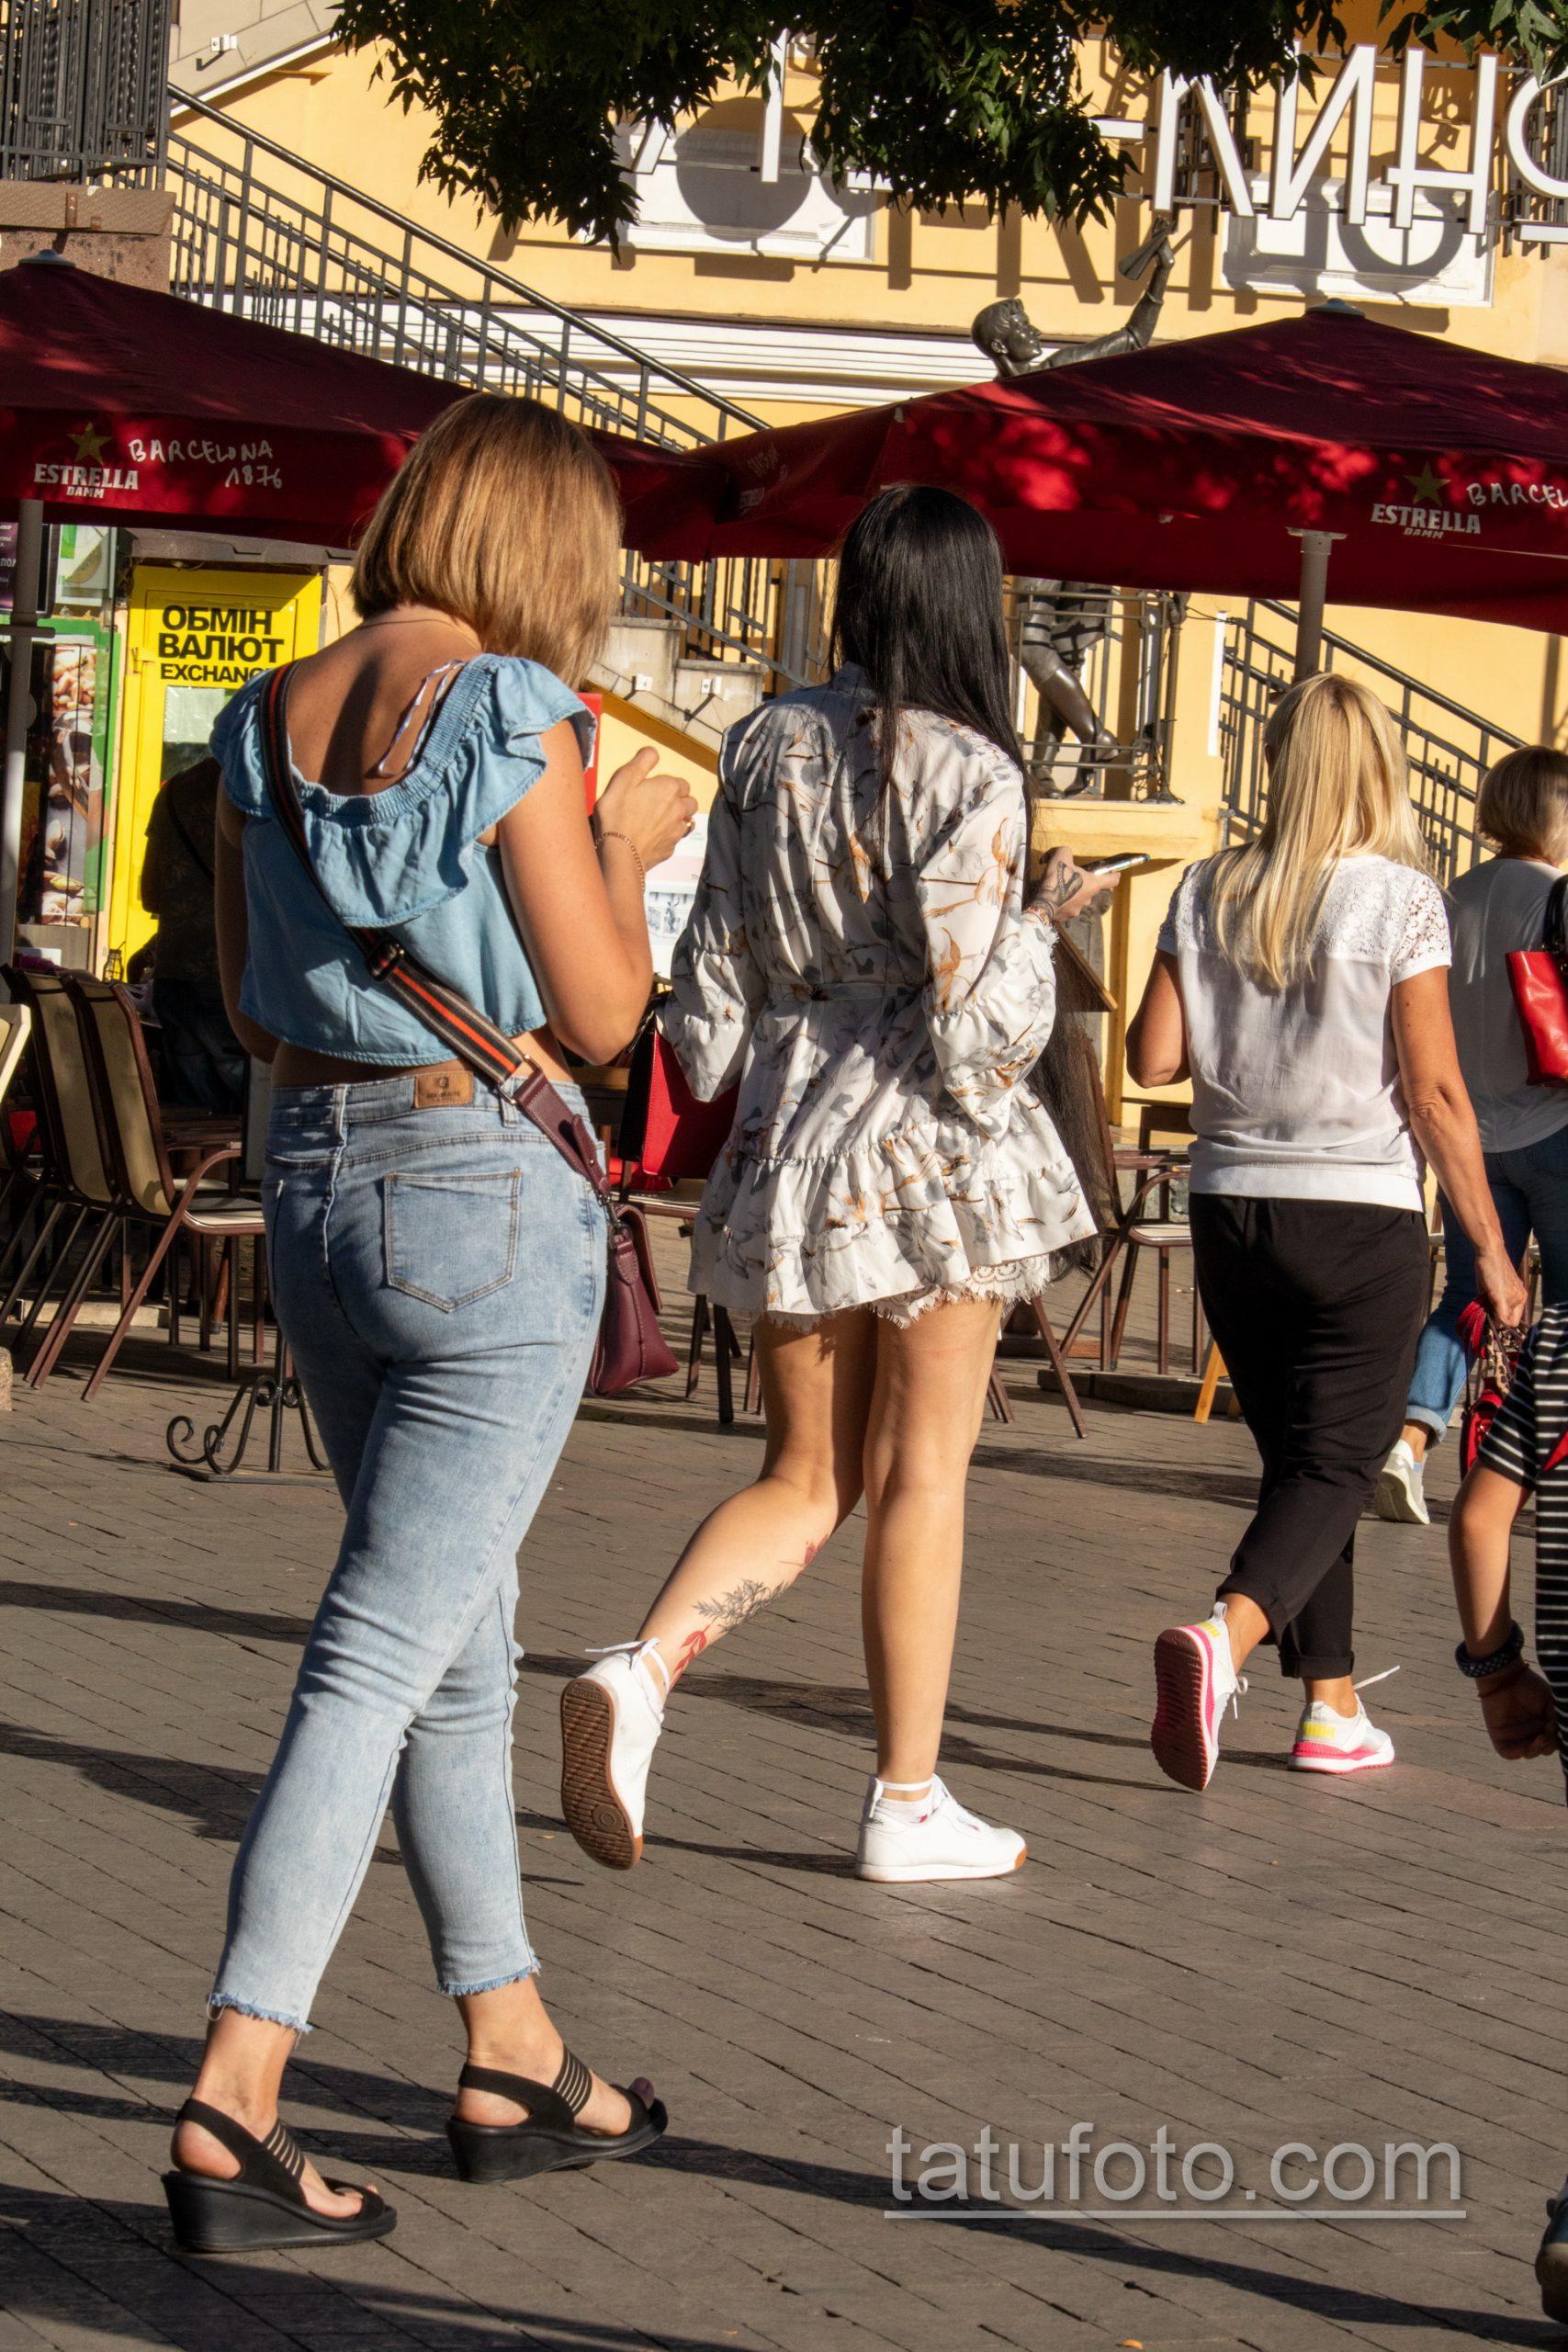 Тату с черно красными цветами внизу ноги девушки - Уличная татуировка 14.09.2020 – tatufoto.com 11